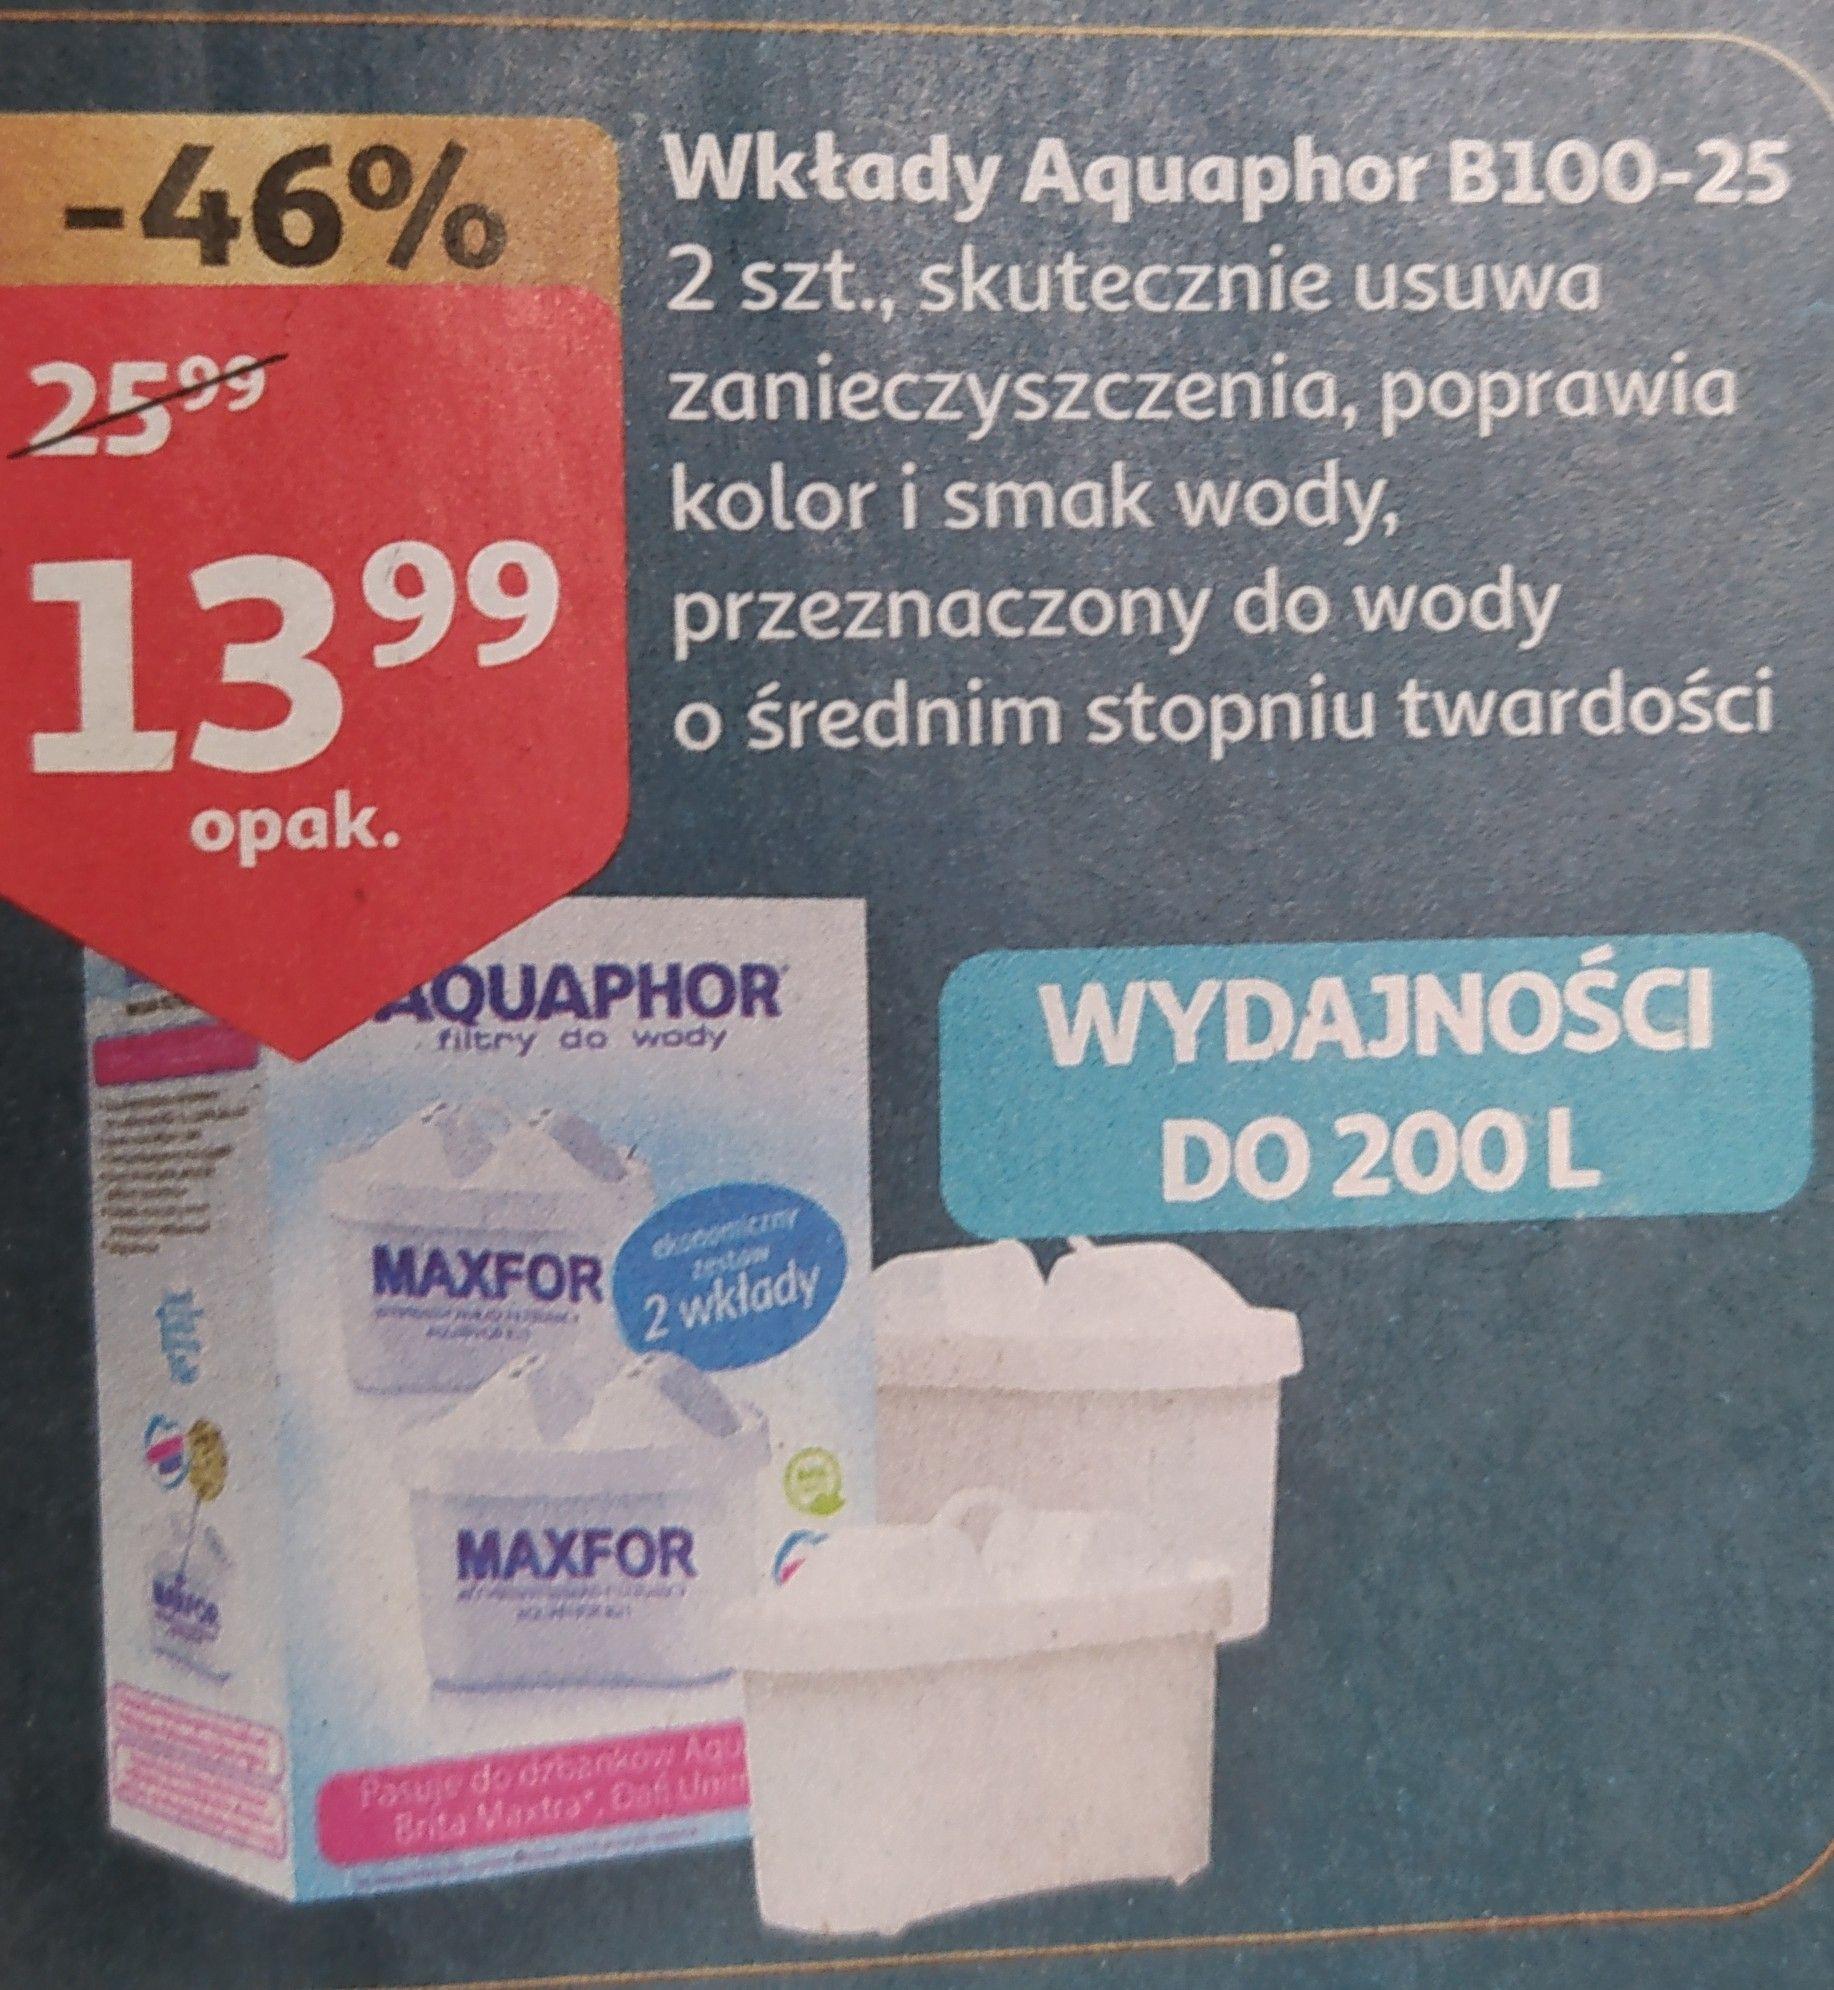 Aquaphor Maxfor B25 2sztuki - 6,99 szt. - Pasują do Dafi/Brita